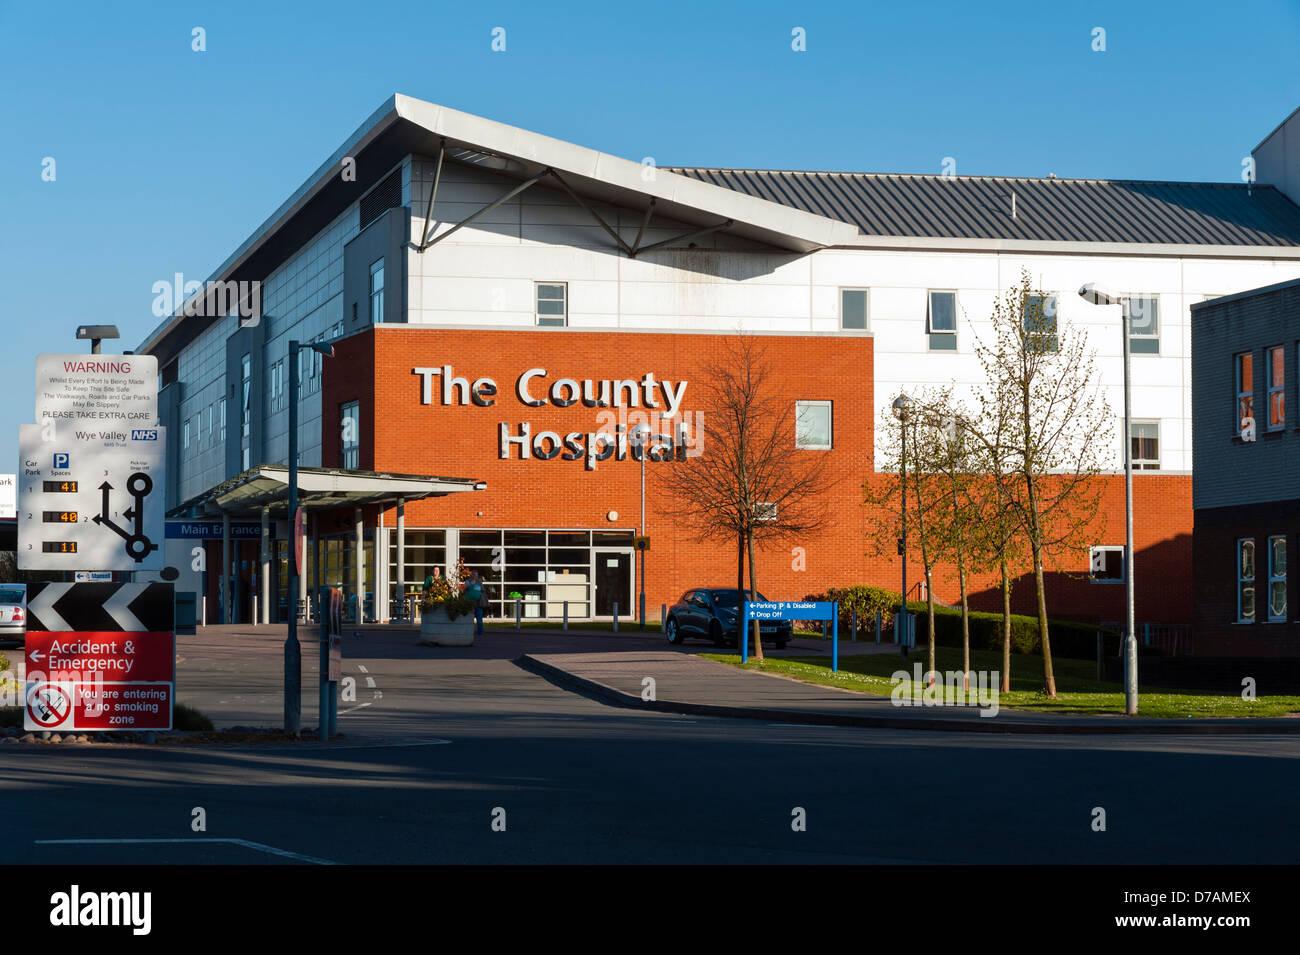 Hereford hôpital du NHS. Au service de l'Hôpital du comté de Herefordshire, UK. Photo Stock